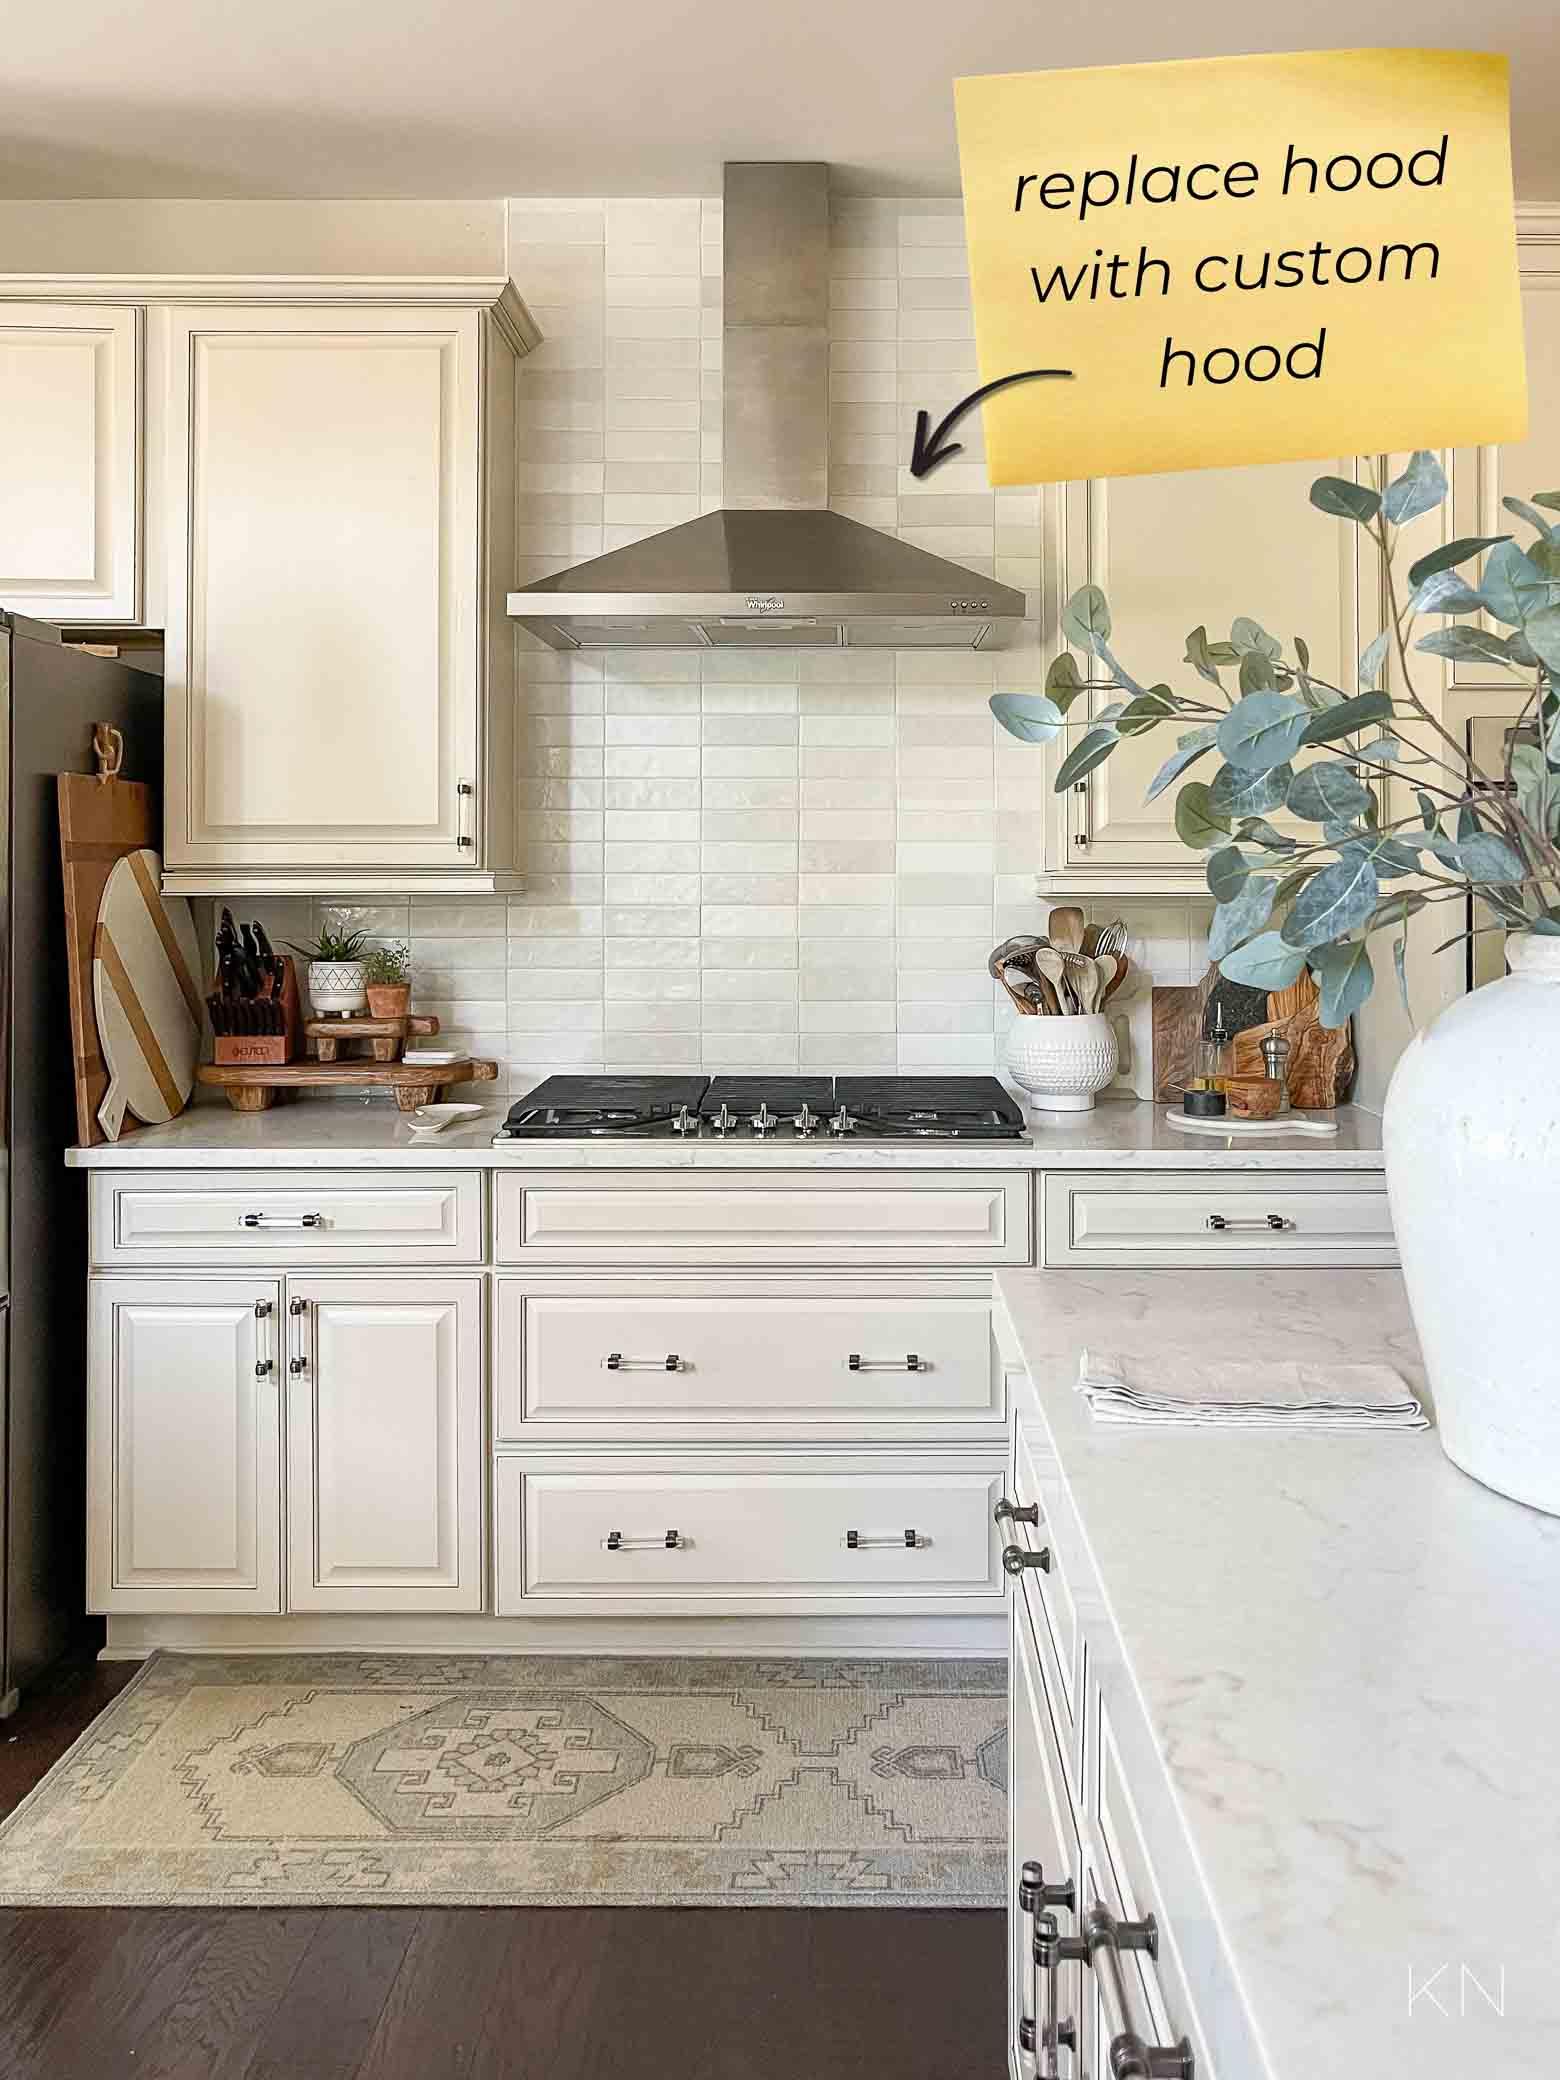 Plan to Upgrade Cream Kitchen